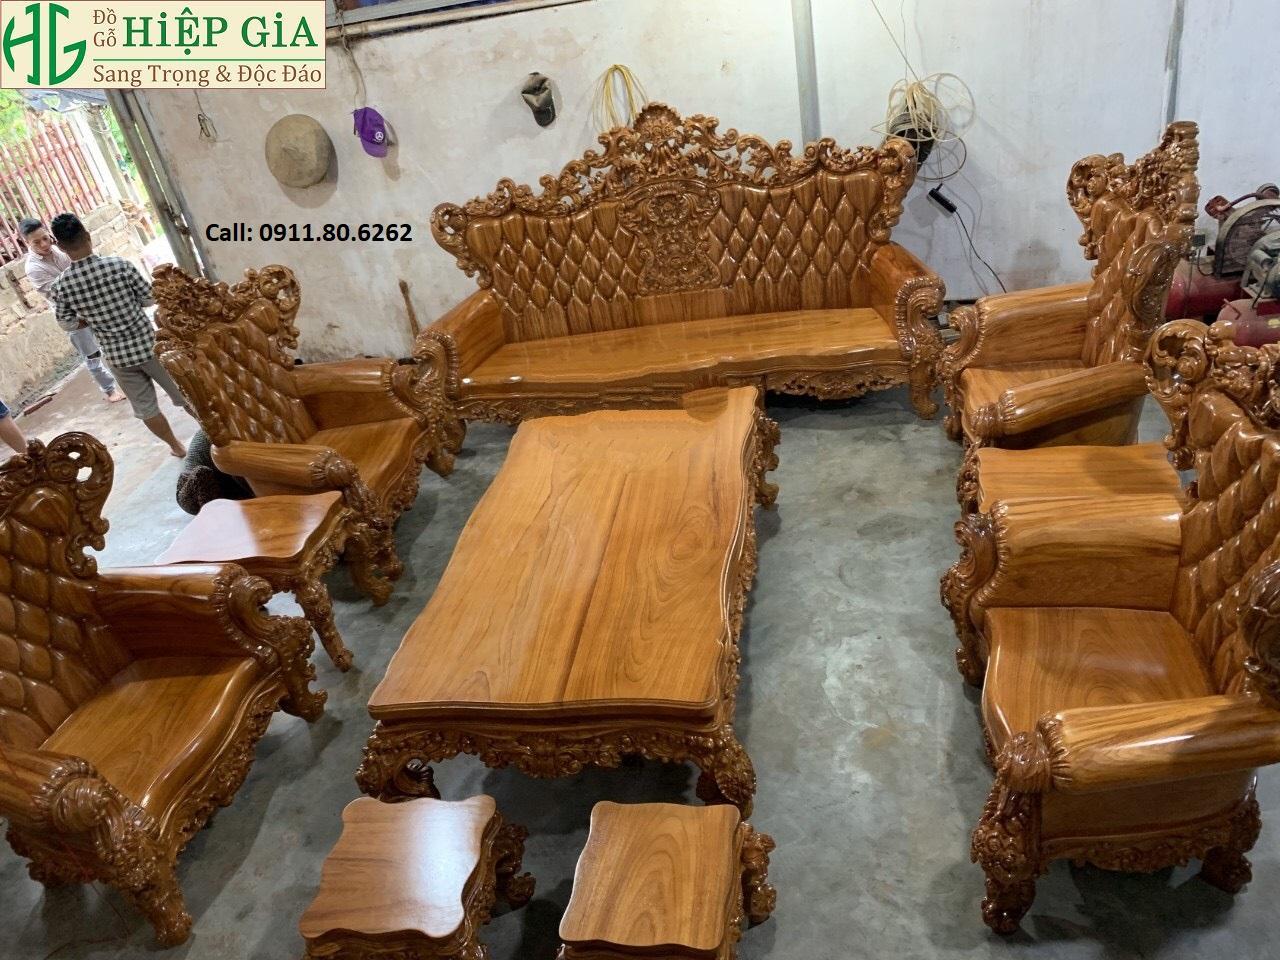 Sofa louis hoang gia 43 - Sofa Louis Hoàng Gia MS: 64